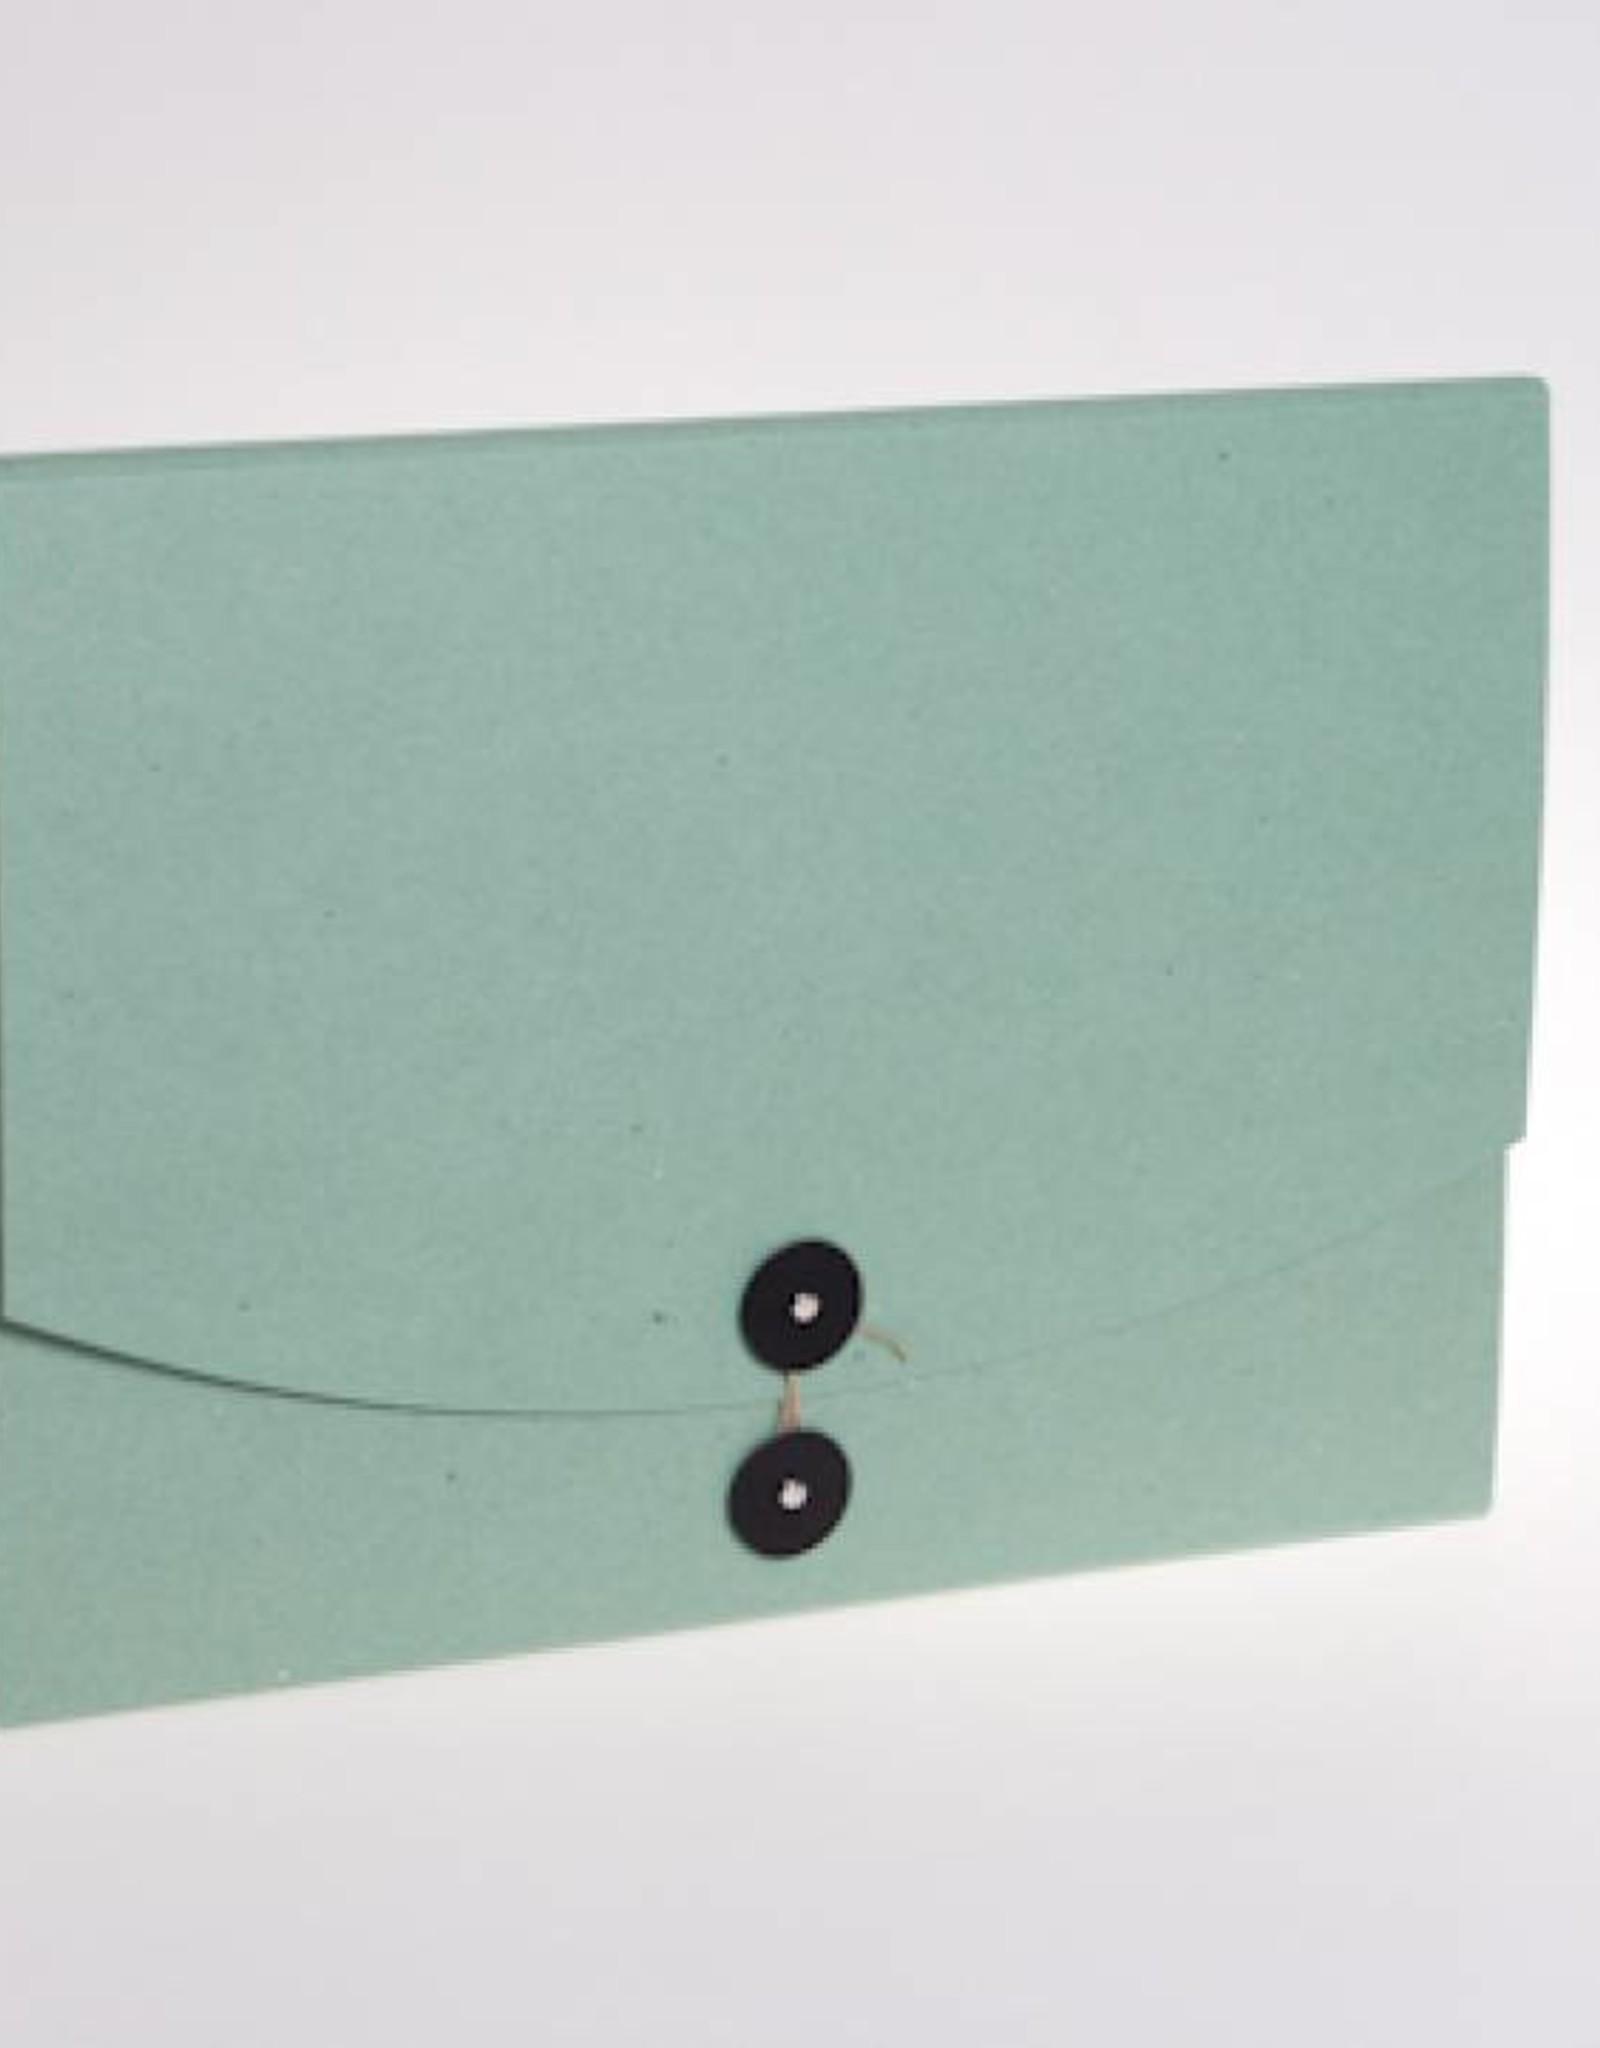 DMJPAR31/43/1, 5HBK Green